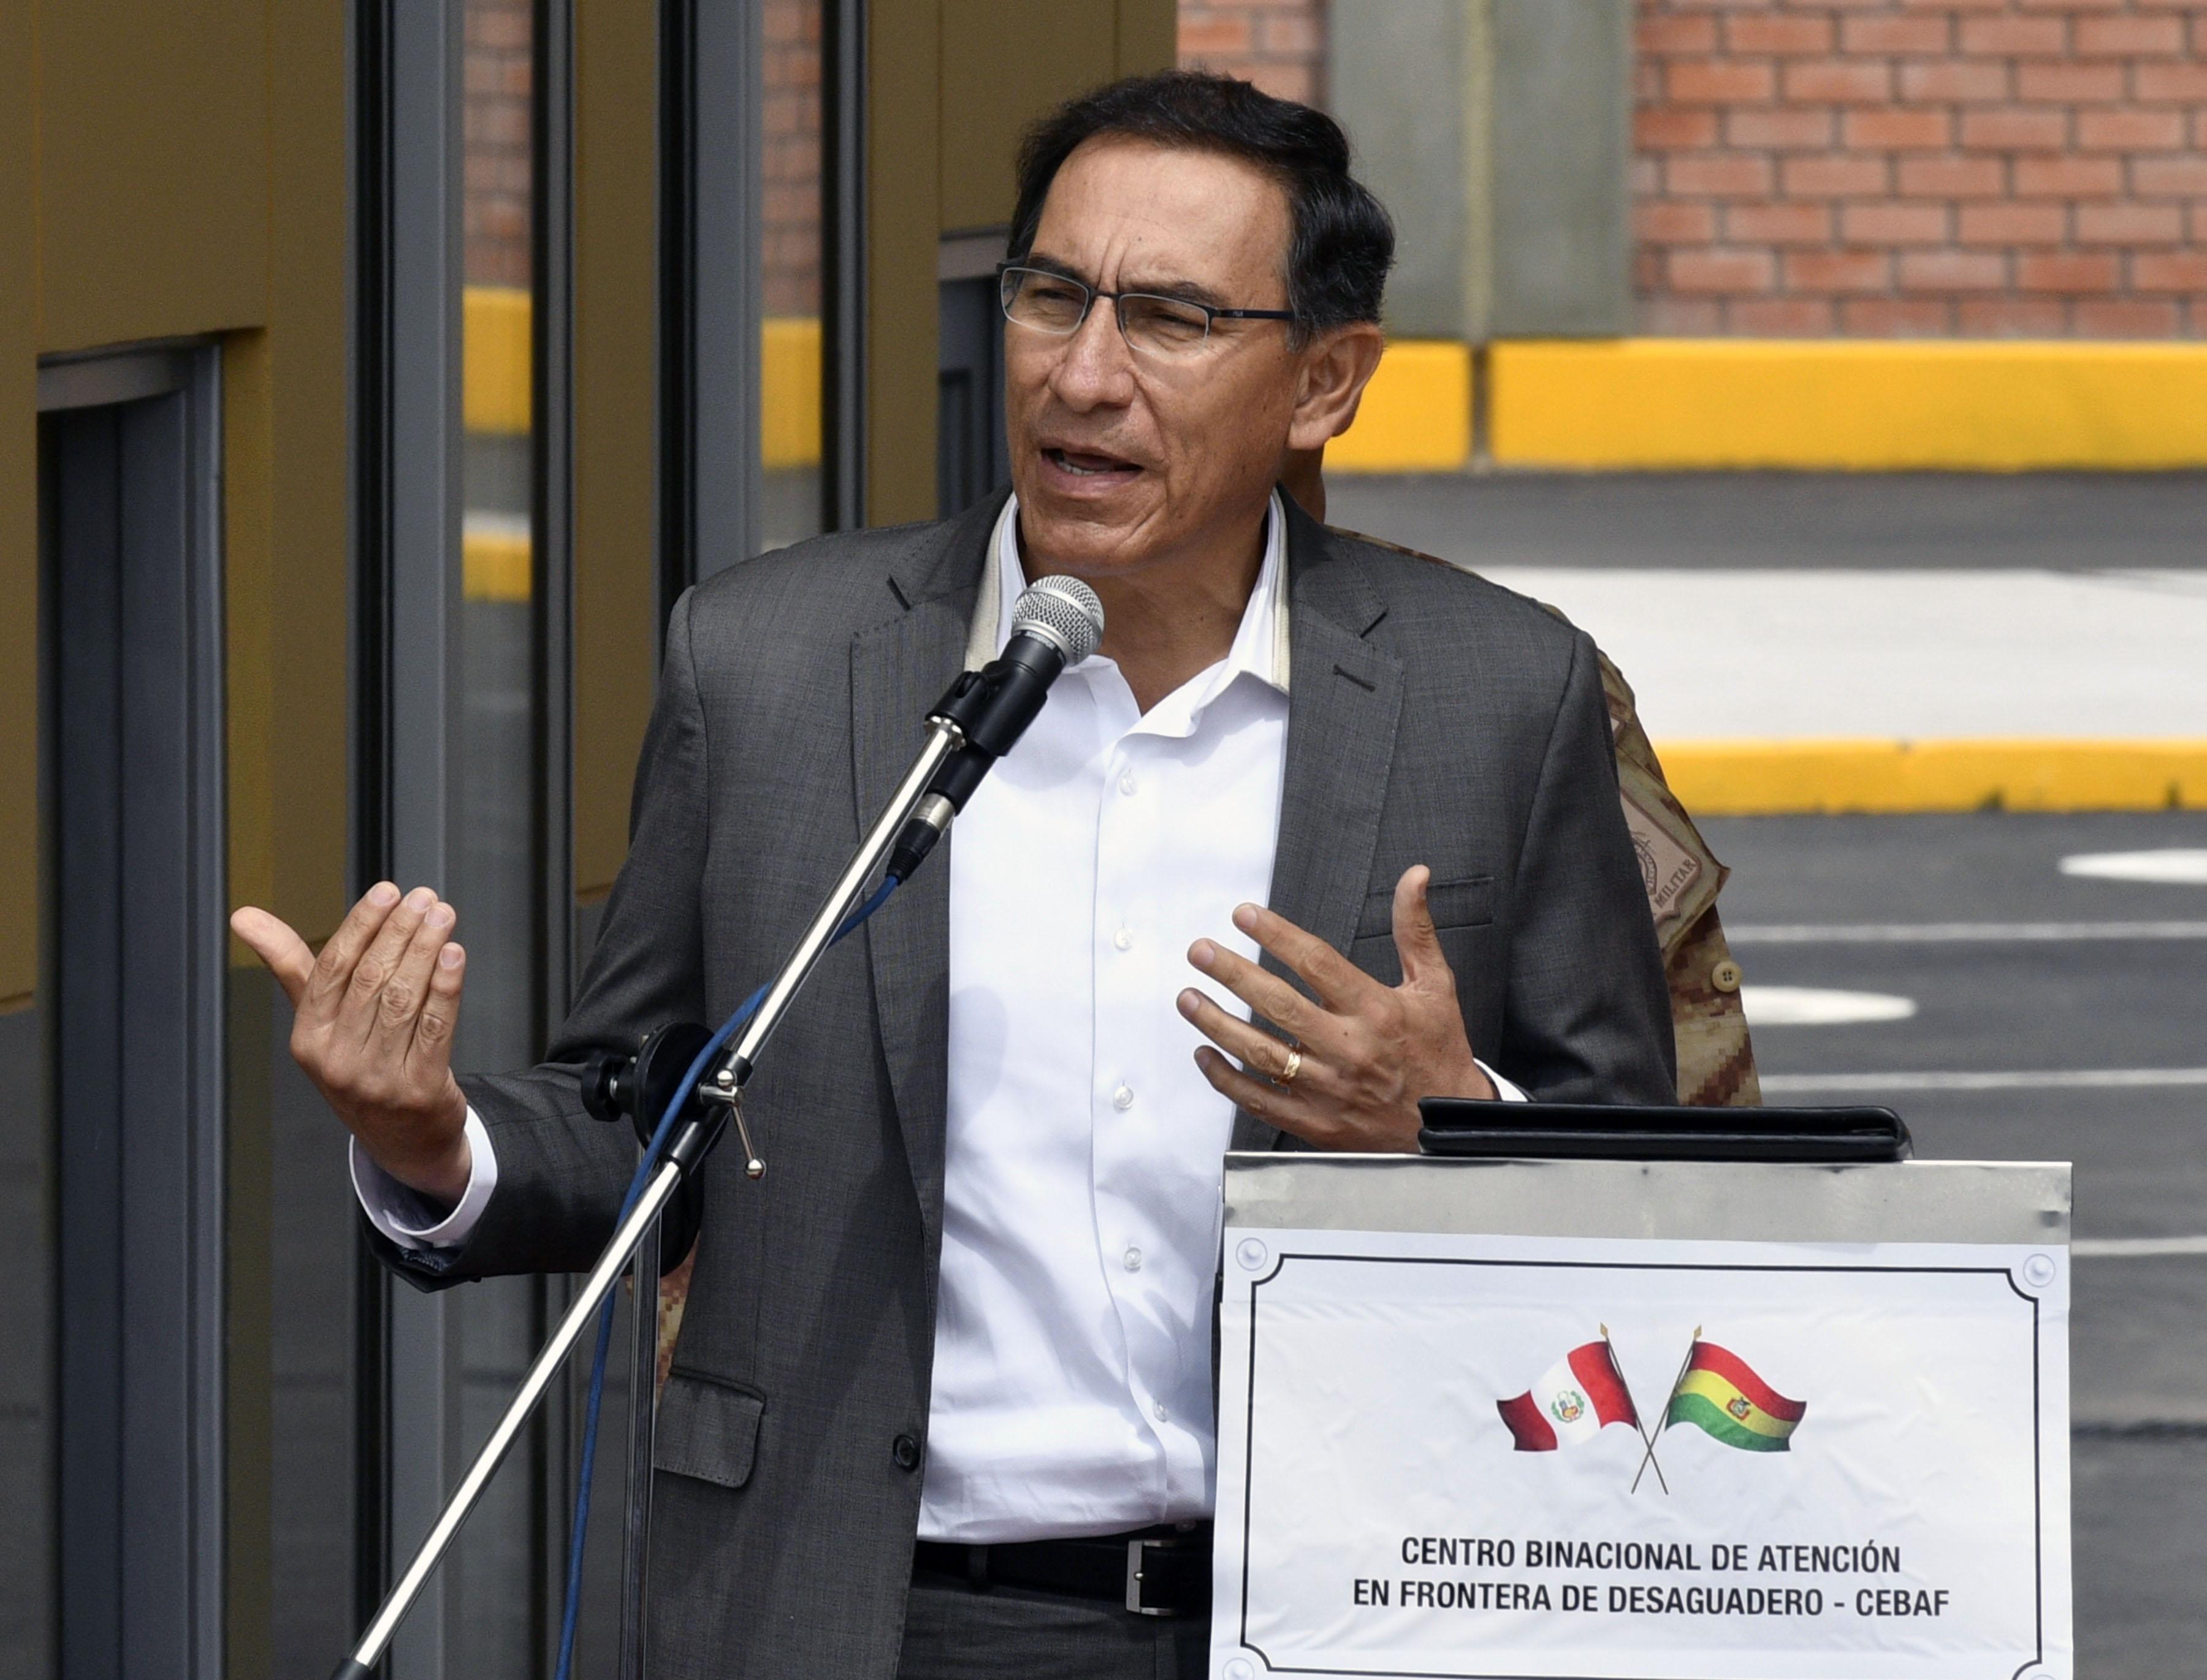 Korrupciós vádak miatt lemondatták Martin Vizcarra perui elnököt